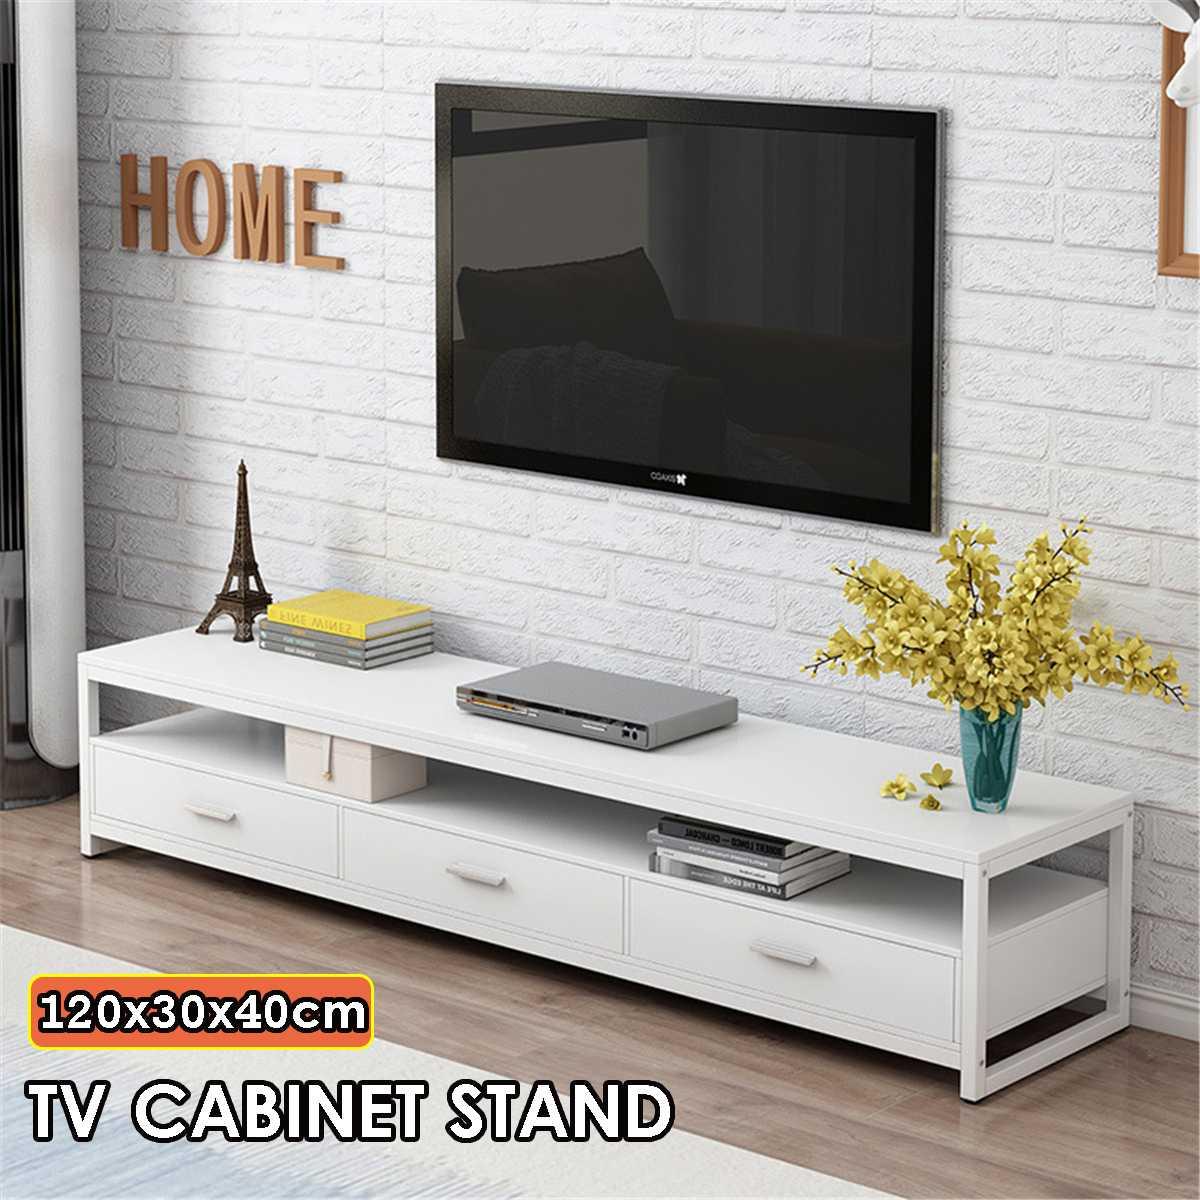 Tv-soporte de mesa de gabinete de madera-Stands hogar-muebles Tv-Stand Mesa TV armario Retro Para el hogar Oficina sala de estar